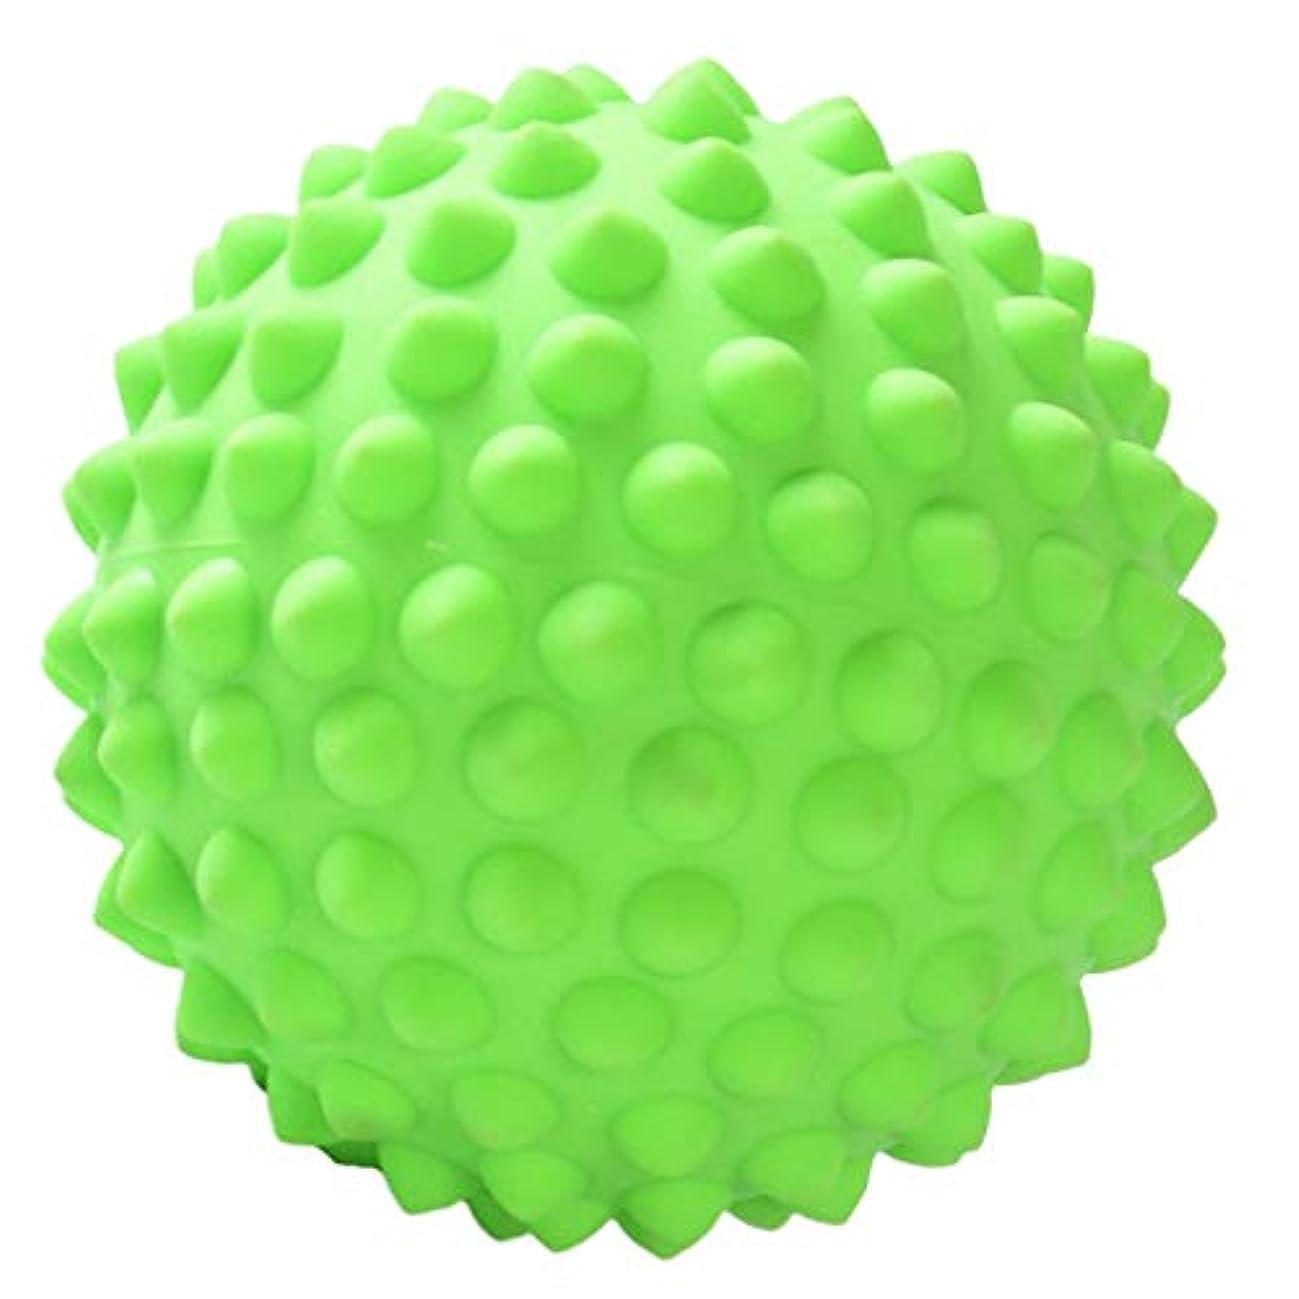 クロール架空の目的マッサージボール 約9 cm ツボ押し ジム オフィス 自宅用 3色選べ - 緑, 説明のとおり